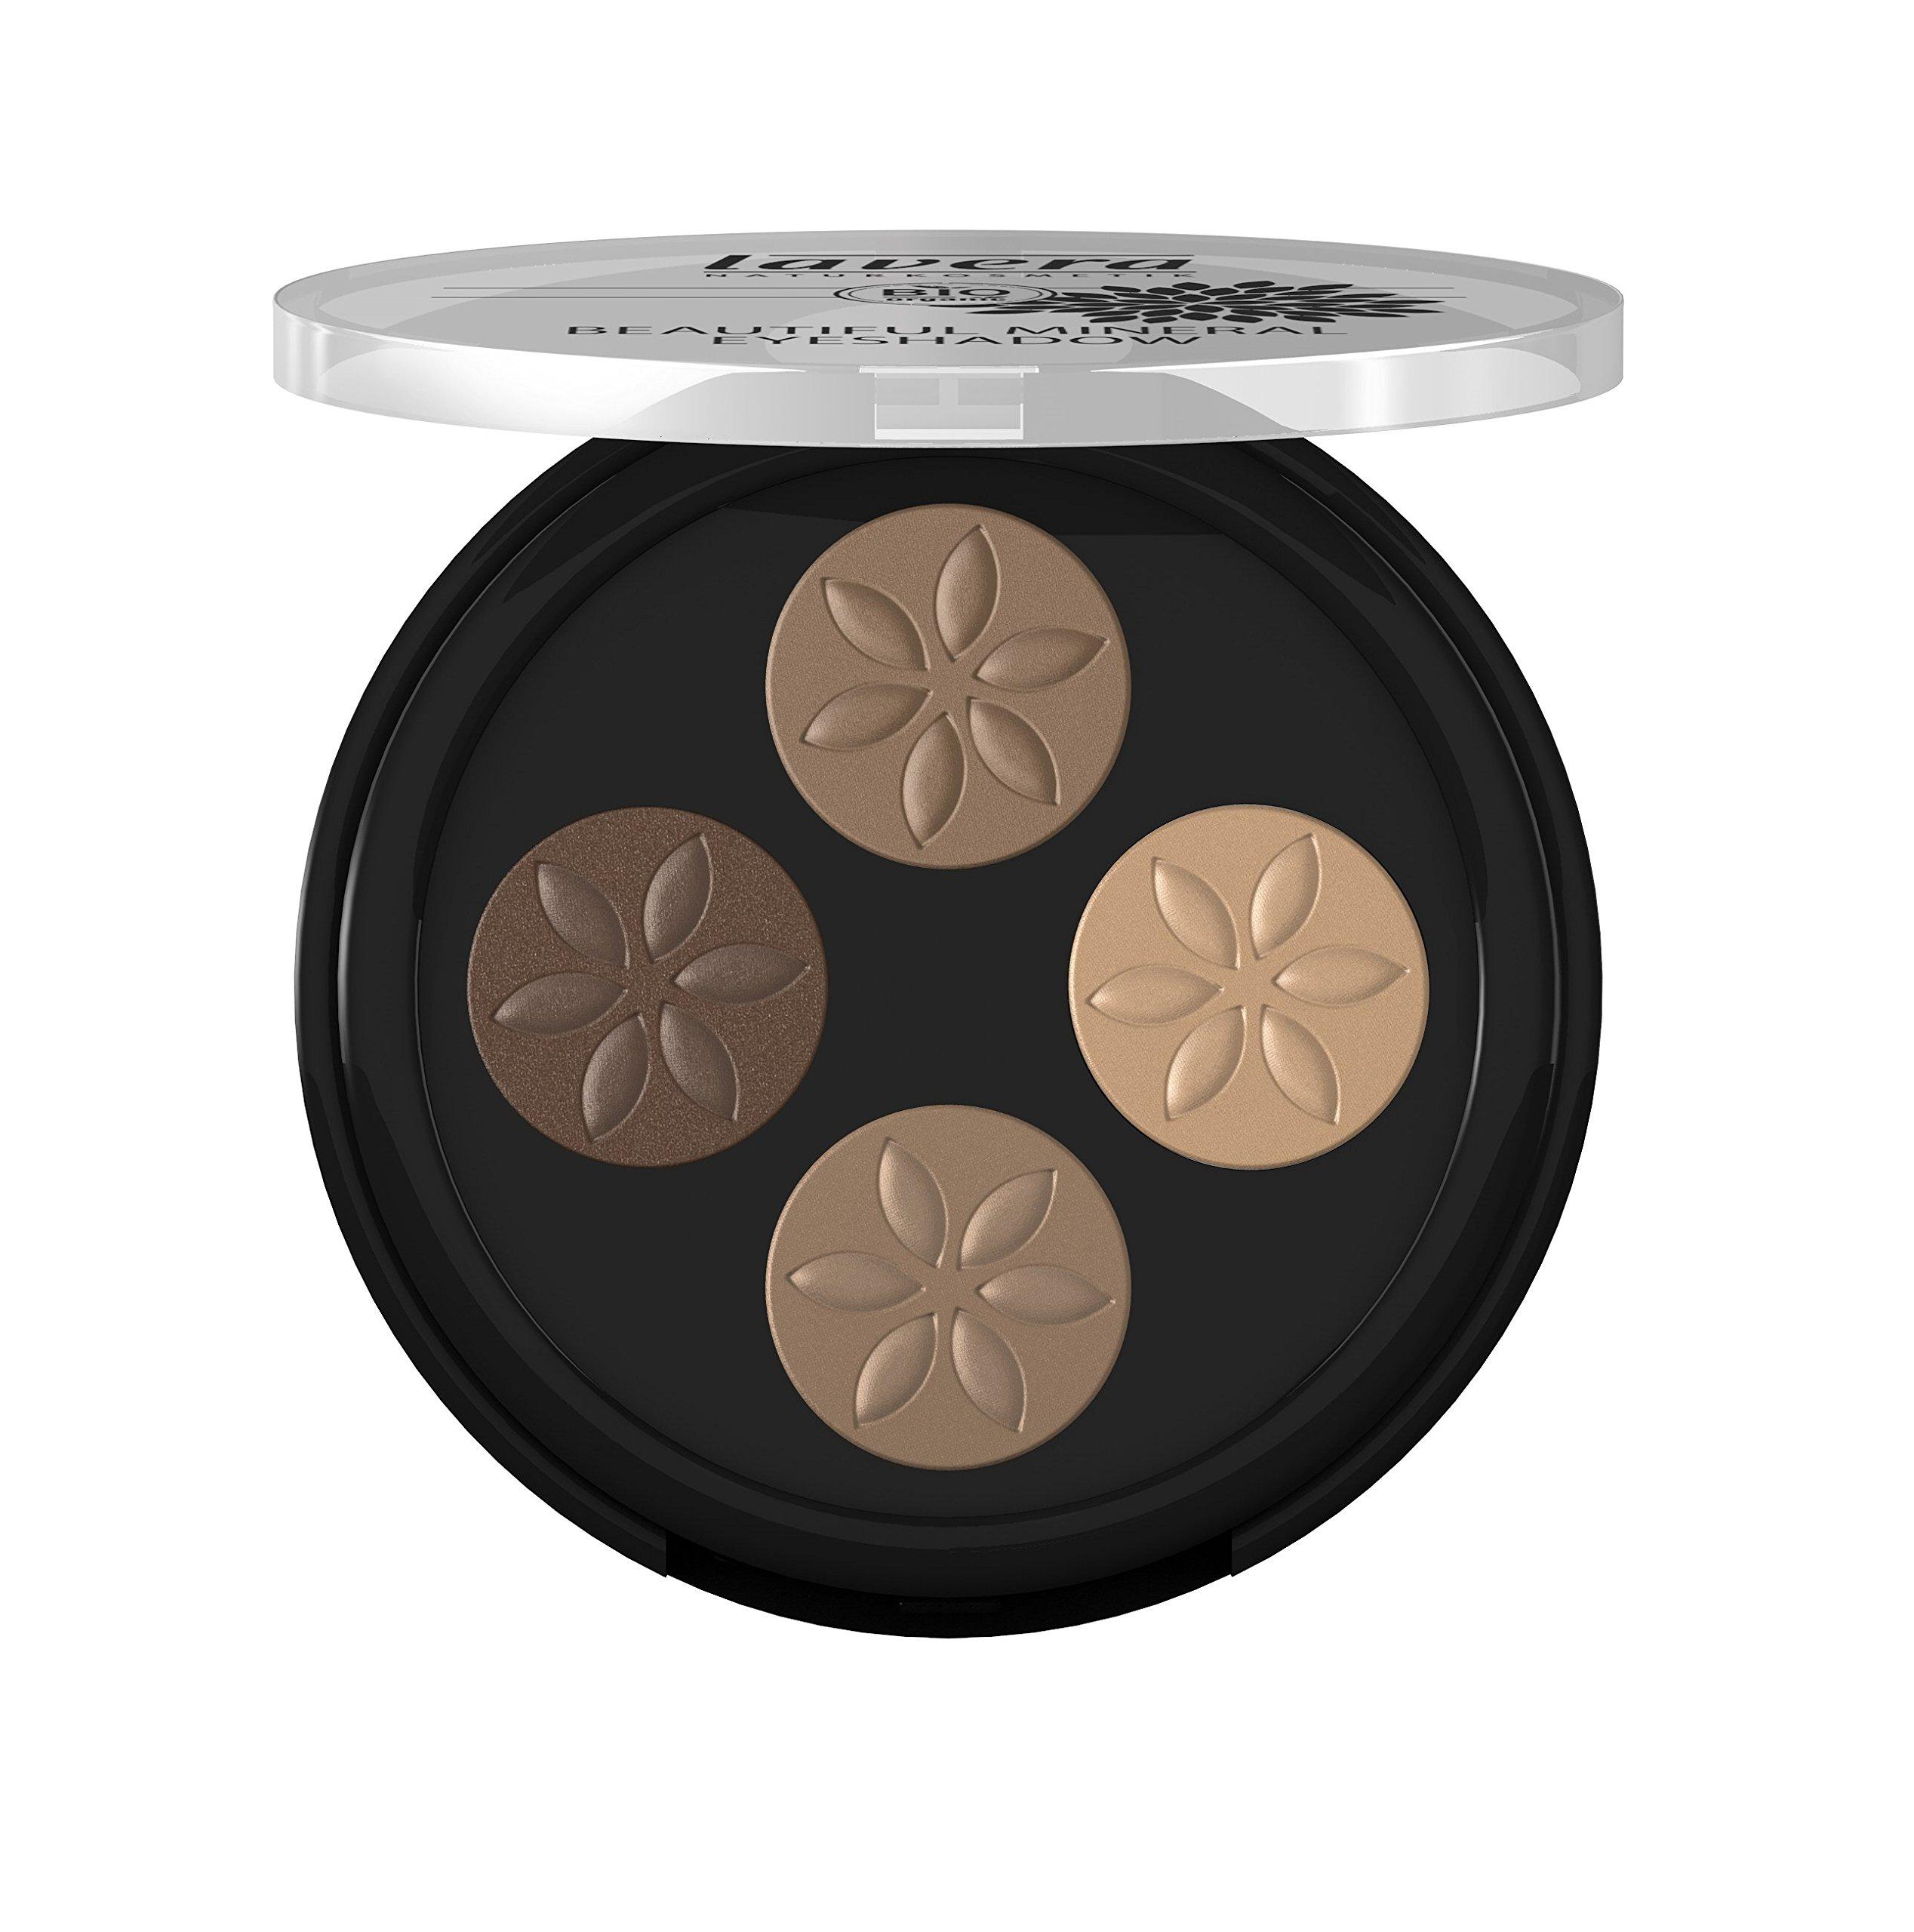 lavera Fard à paupières - Beautiful Mineral Eyeshadow - Quattro Cappuccino Cream 02- poudres compactées - vegan - Cosmétiques naturels - Ingrédients végétaux bio - 100% Naturel Maquillage (0,8 g) product image